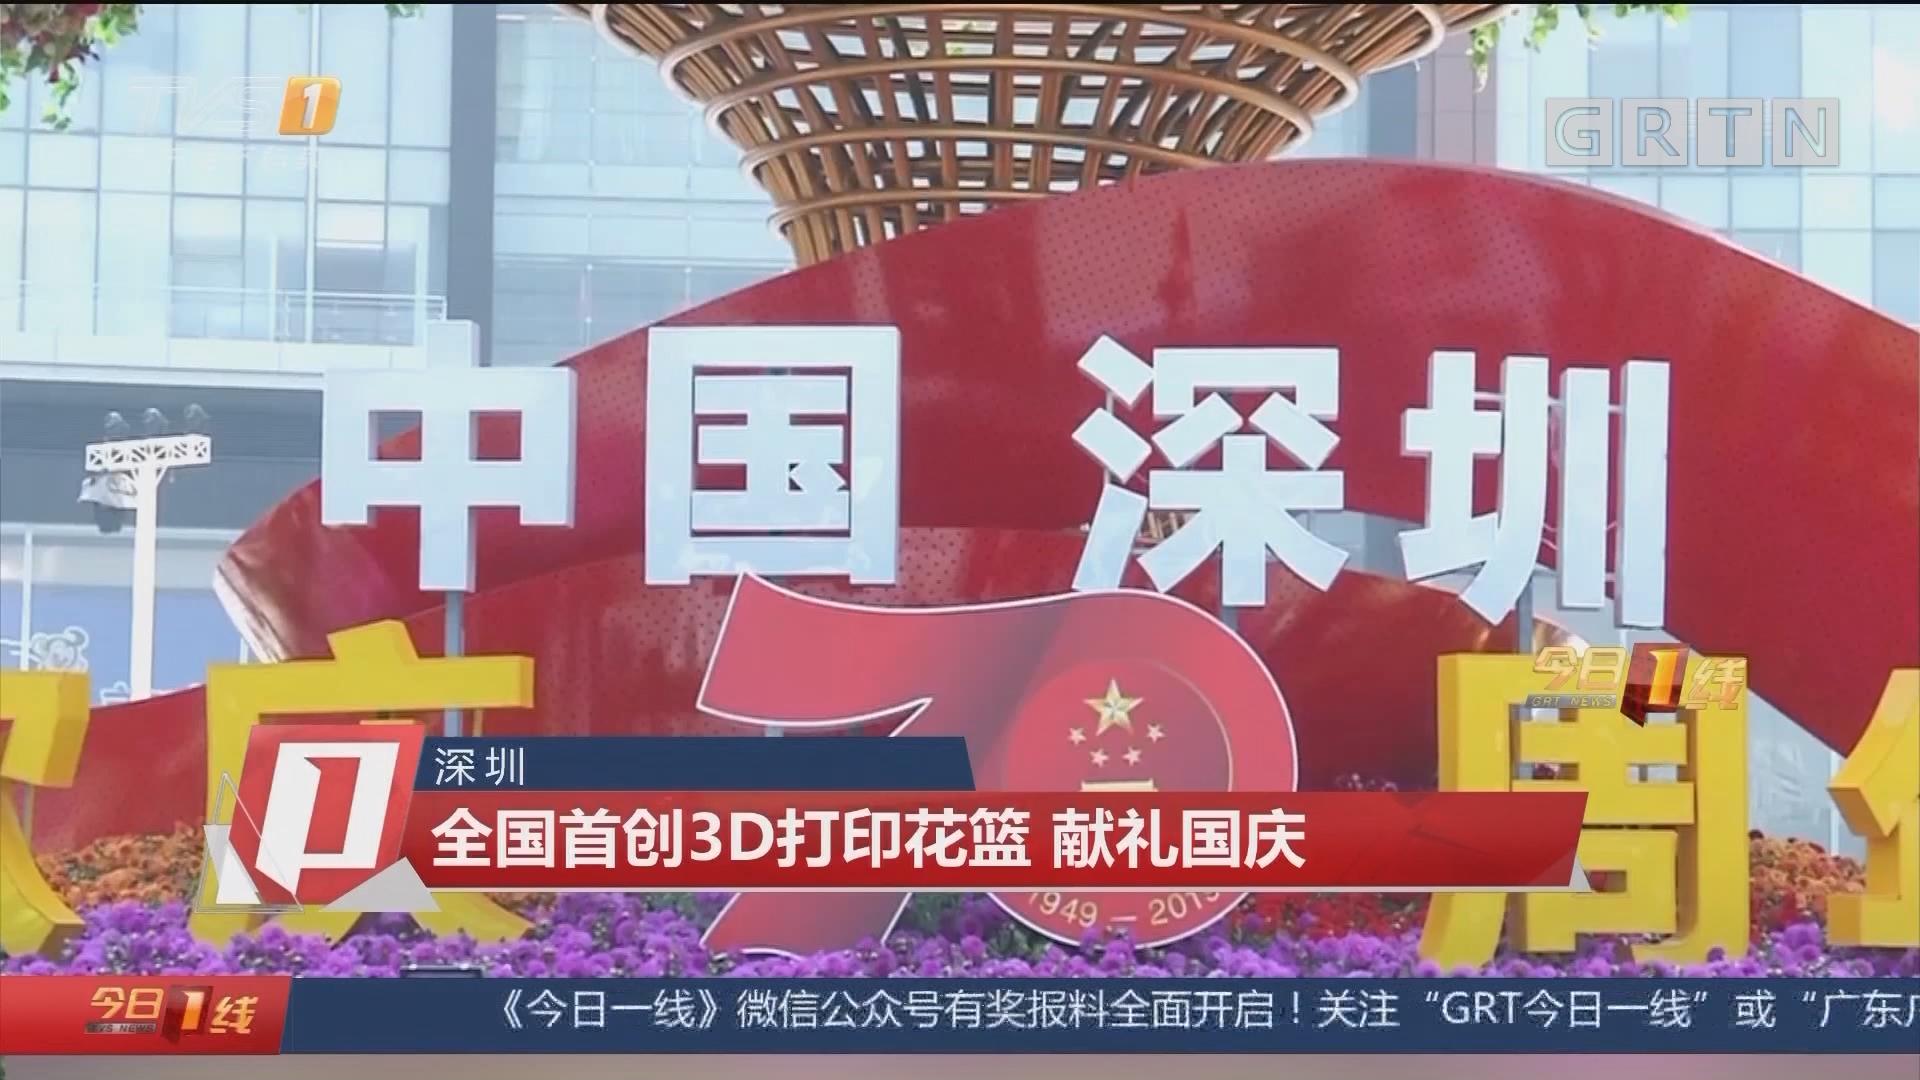 深圳:全国首创3D打印花篮 献礼国庆